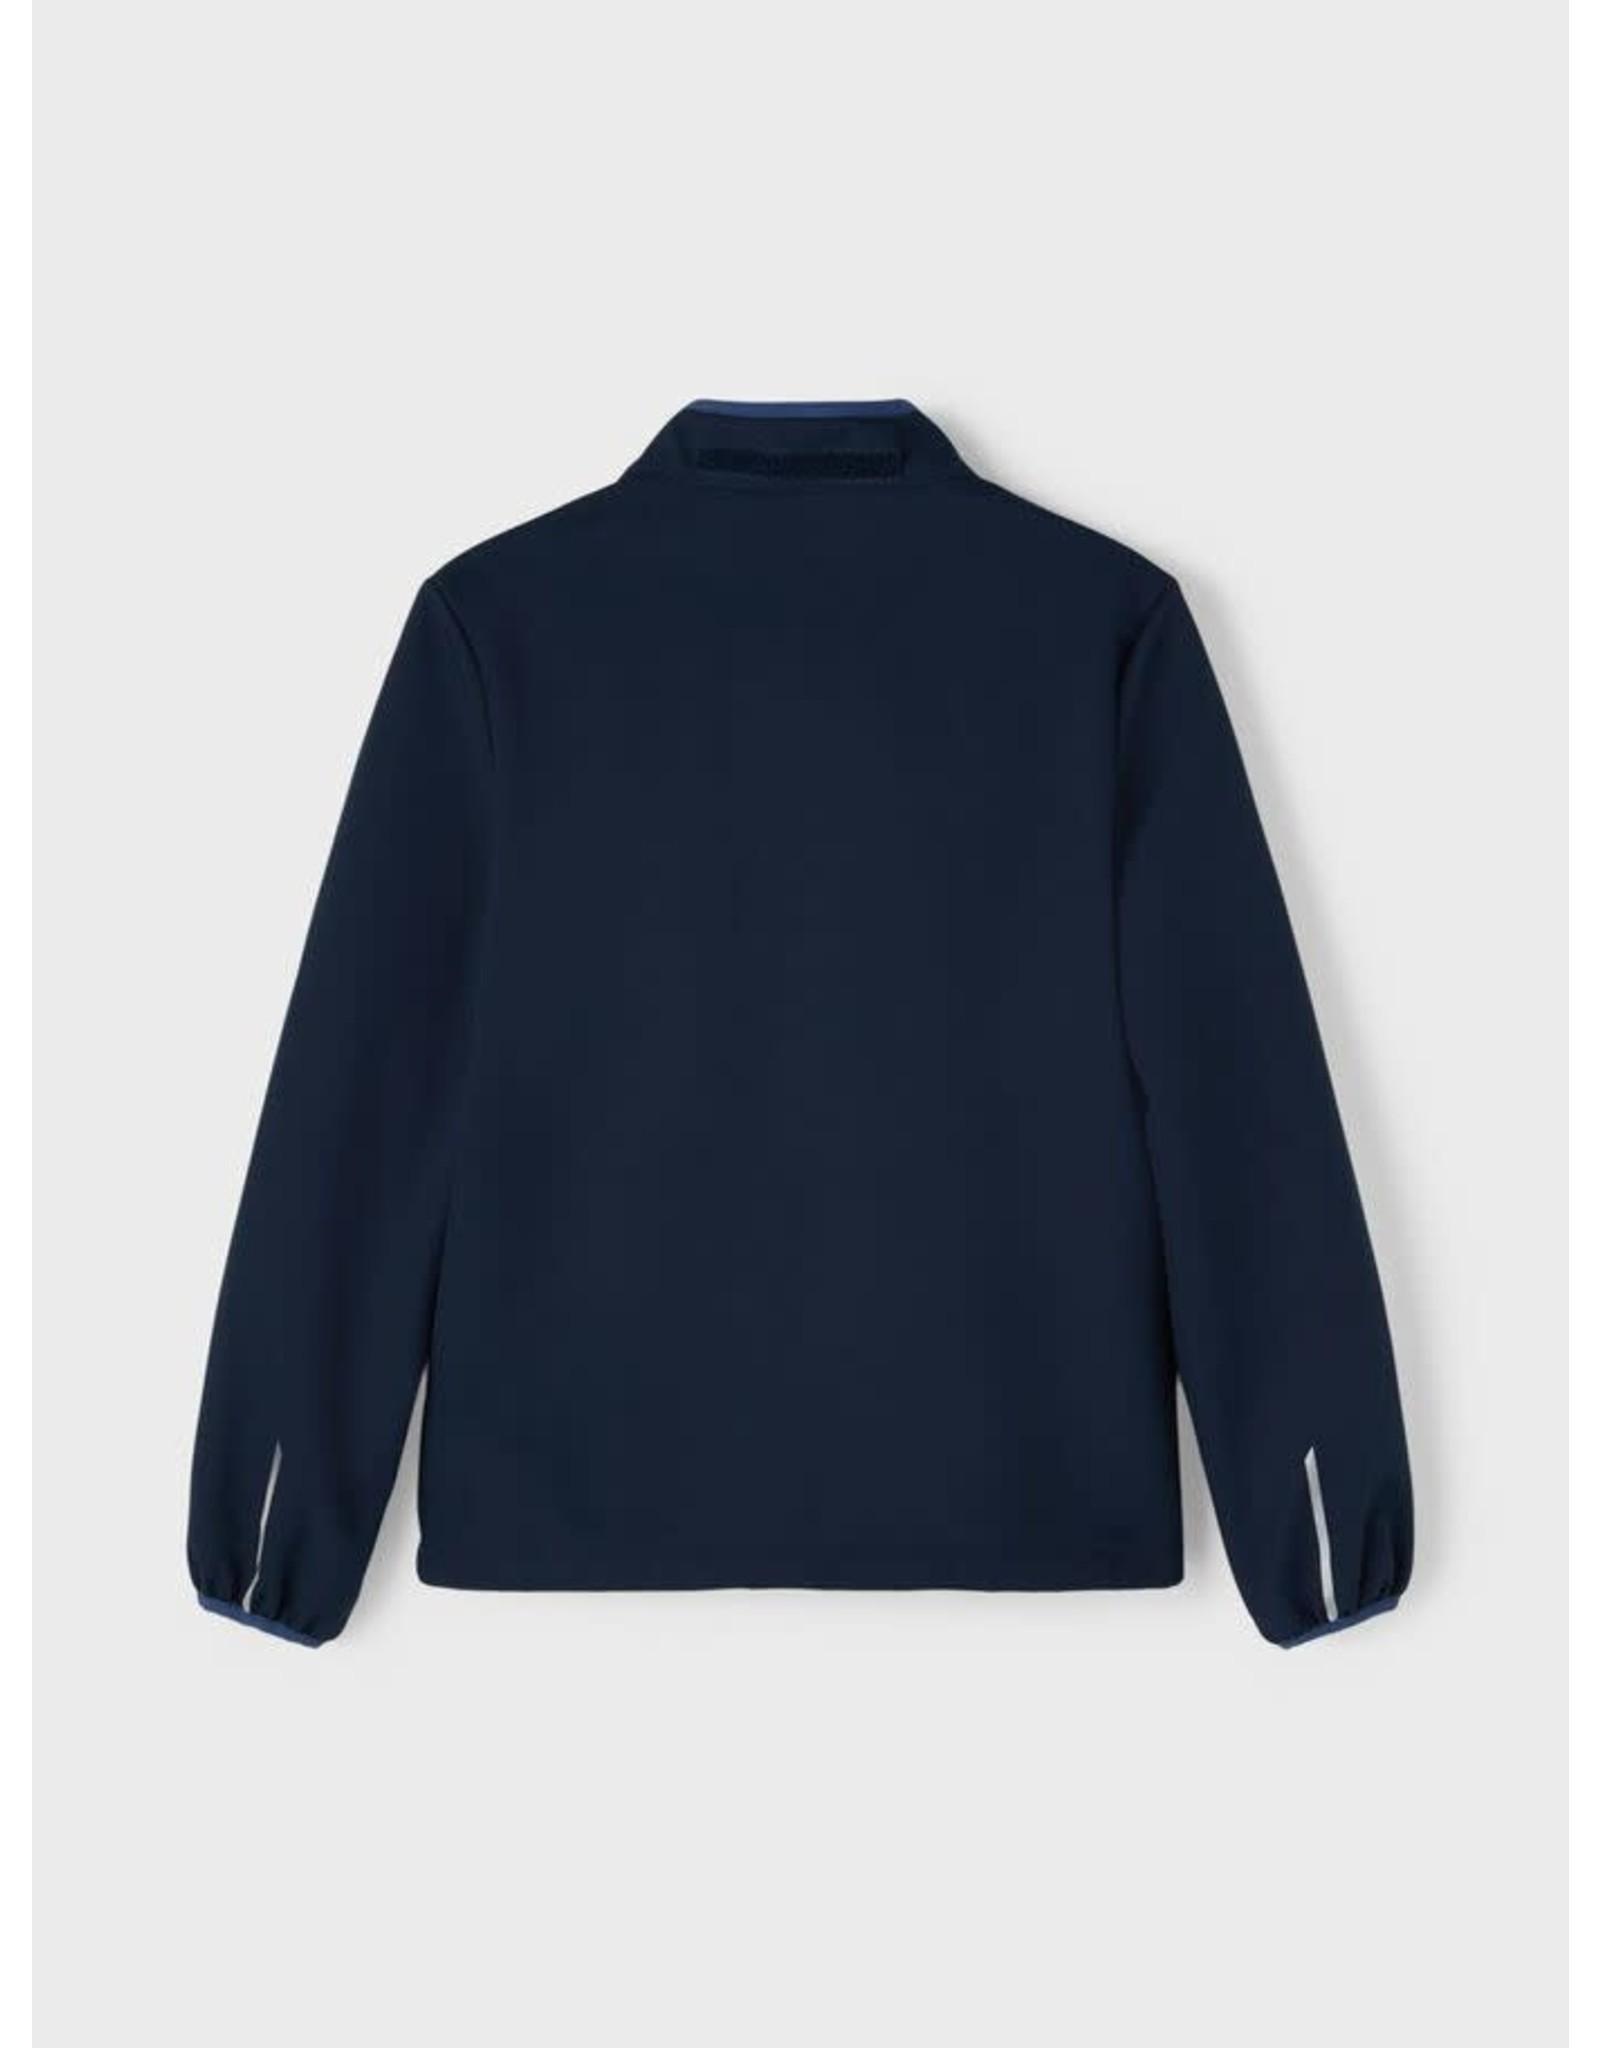 Name It Donkerblauwe waterbestendige softshell jas